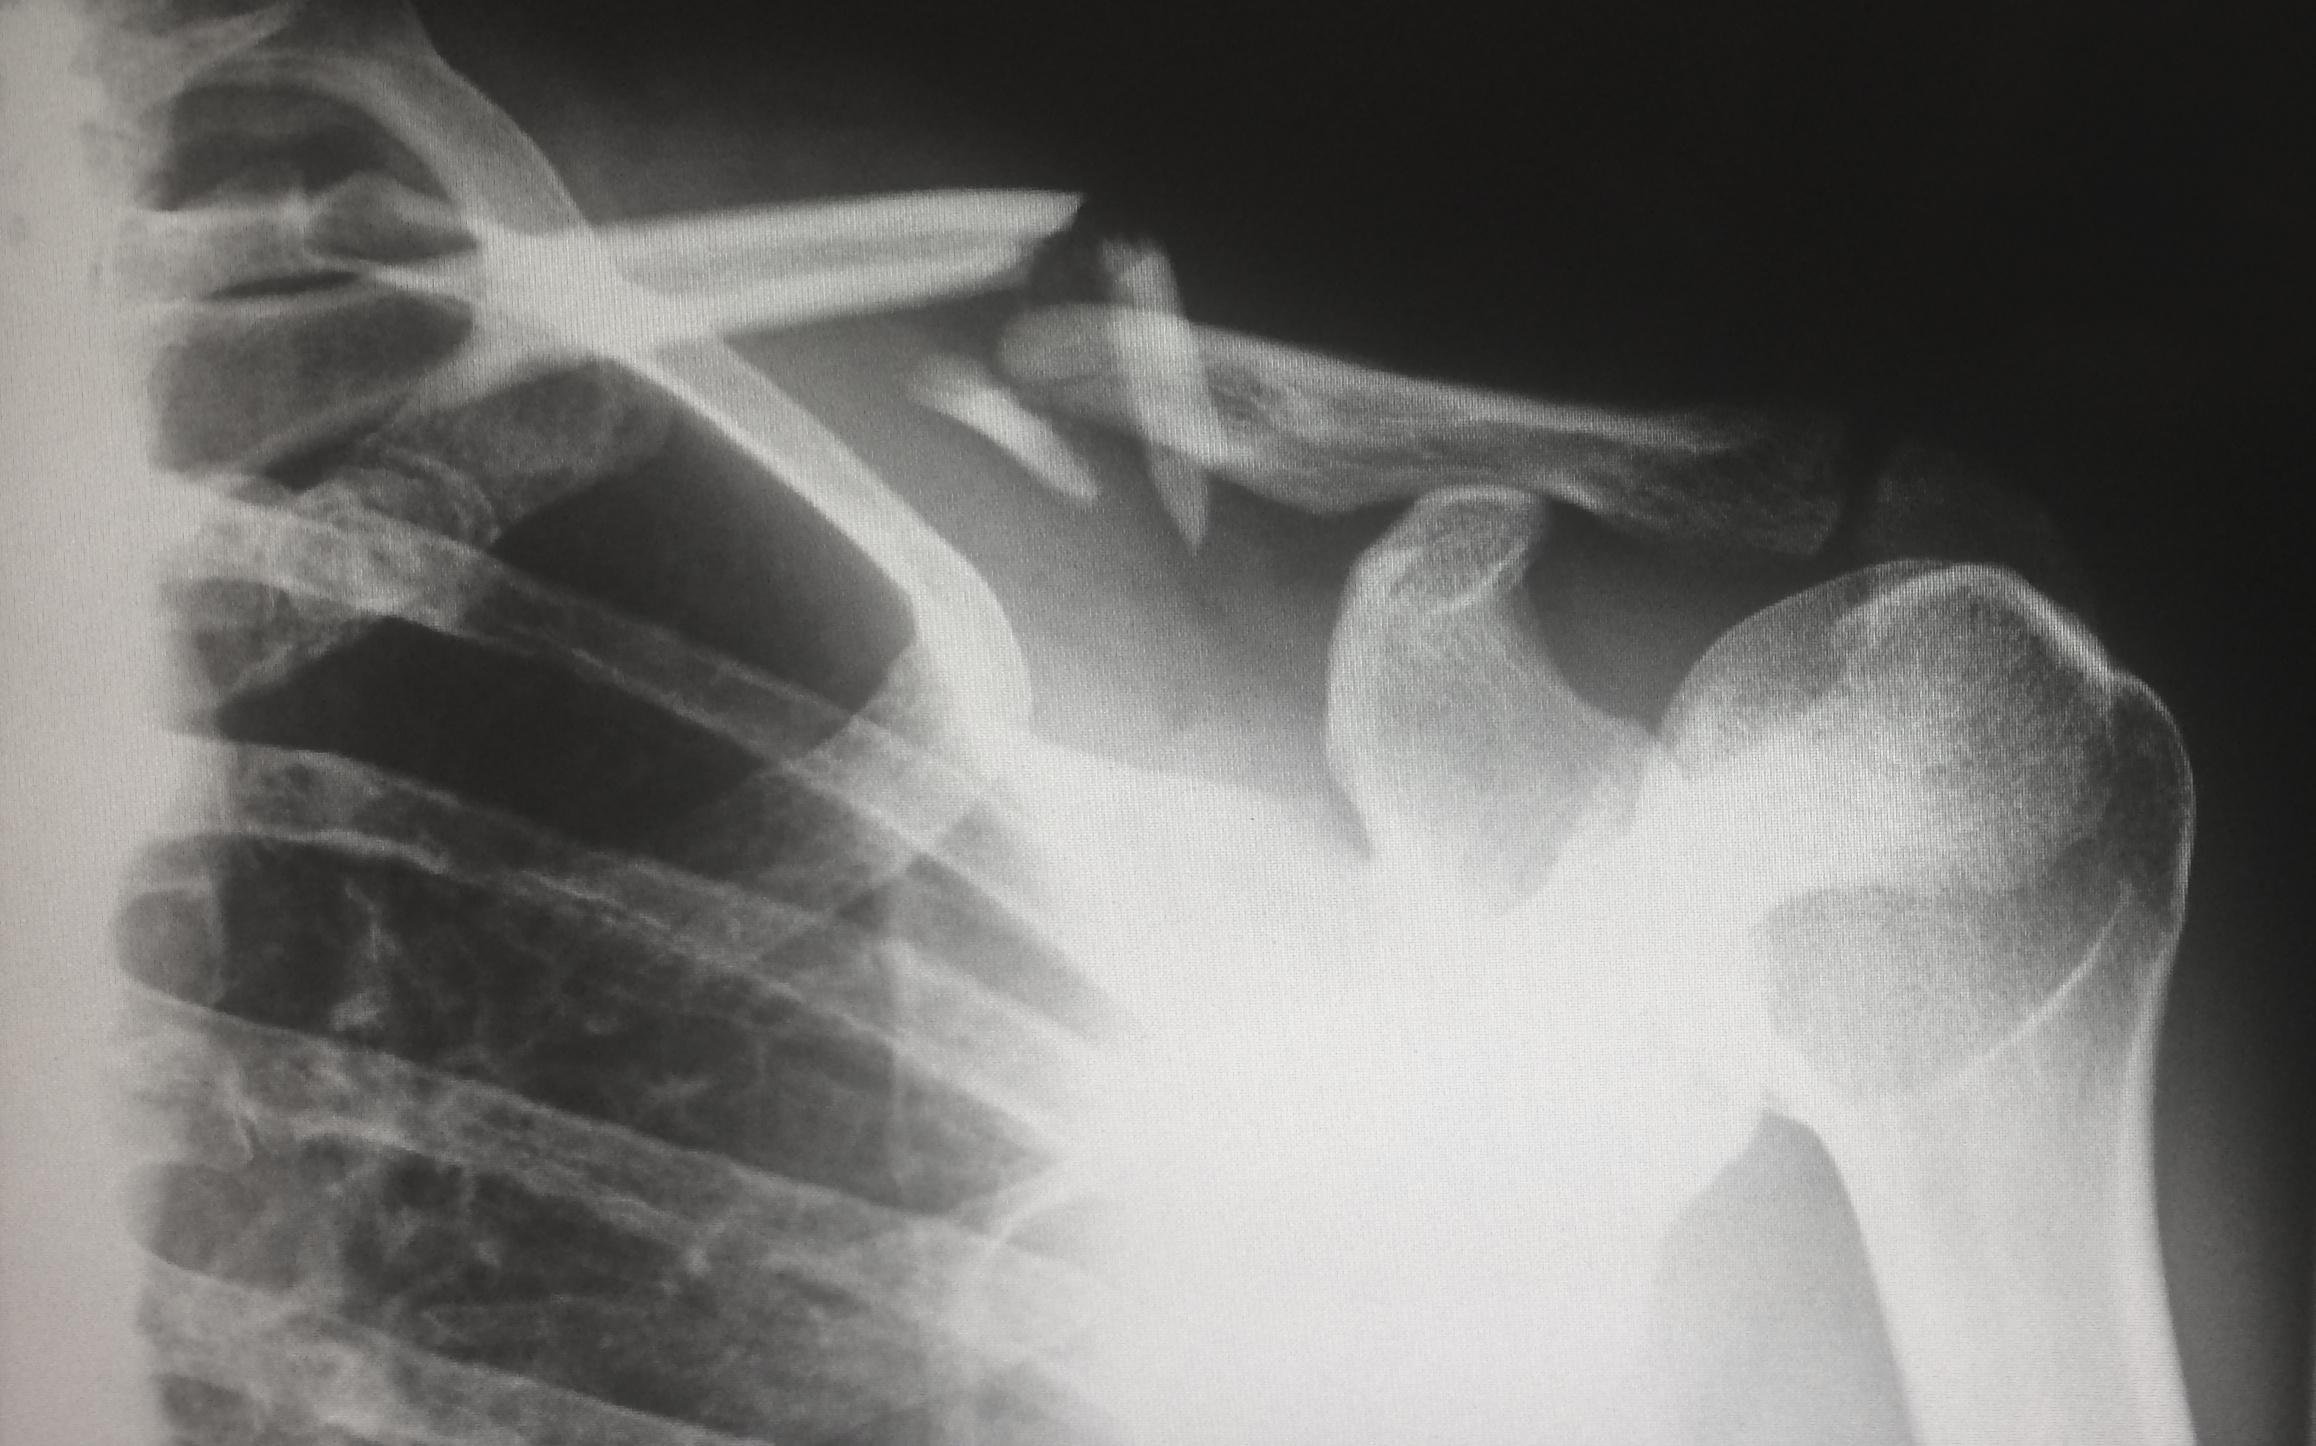 """Ausgangslage - Egal, ob Vorbeugung oder Wiederaufbau nach einem Eingriff oder einer Verletzung. Muskeln sind unsere wichtigsten """"Stossdämpfer"""", welche uns vor Verletzungen schützen oder die Rehabilitation beschleunigen. Viel Unfälle beispielsweise beim Skifahren passieren aufgrund von zu wenig Muskelmasse oder zu wenig intra-muskulärer Koordination. Ein regelmässiges Krafttraining sollte also für alle Enthusiasten ähnlicher Sportarten auf dem Plan stehen. Gleichsam gilt bisher in der Physiotherapie, der Patient ist geheilt - ready to sport - wenn eine gewisse Zeit vergangen ist. Oftmals ist dies aber nicht der Fall. Eine objektive Messung der Kraftfortschritte nach einer Verletzung schafft bei uns Sicherheit. Die ARX Technologie ermöglicht erstmals die sichere Ausbelastung des Muskels in der schmerzfreien Episode. Dies führt zu vorhersehbarer und beschleunigter Heilung."""